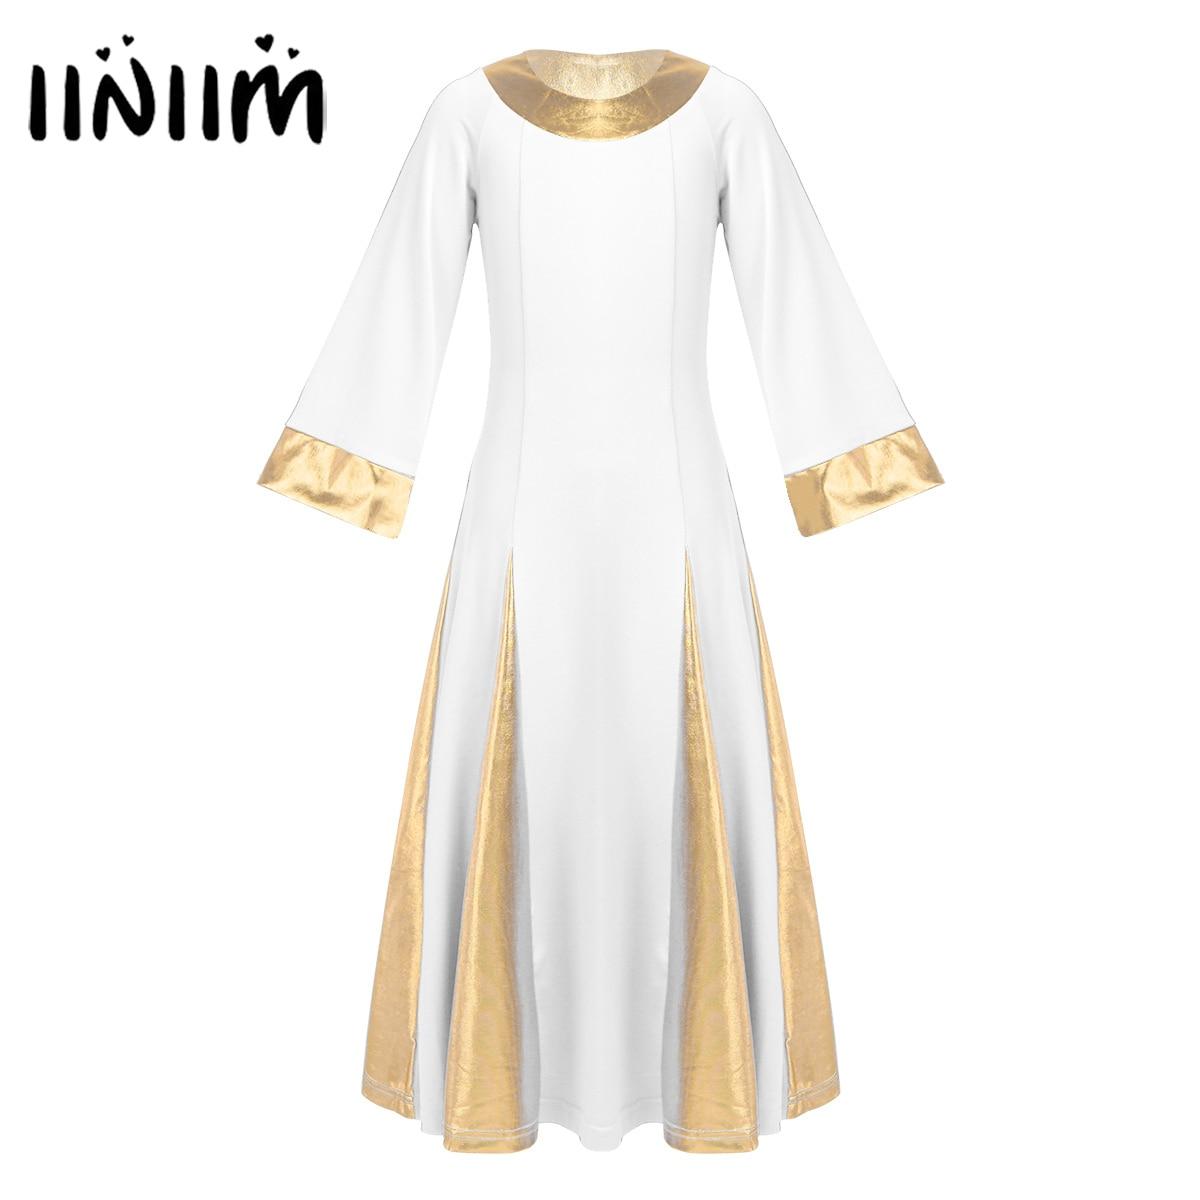 Iiniim Girls Dance Dress Contemporary Dance Costumes Kids Teen Metallic Collar Cuffs Robe Dress Celebration Praise Dance Dress